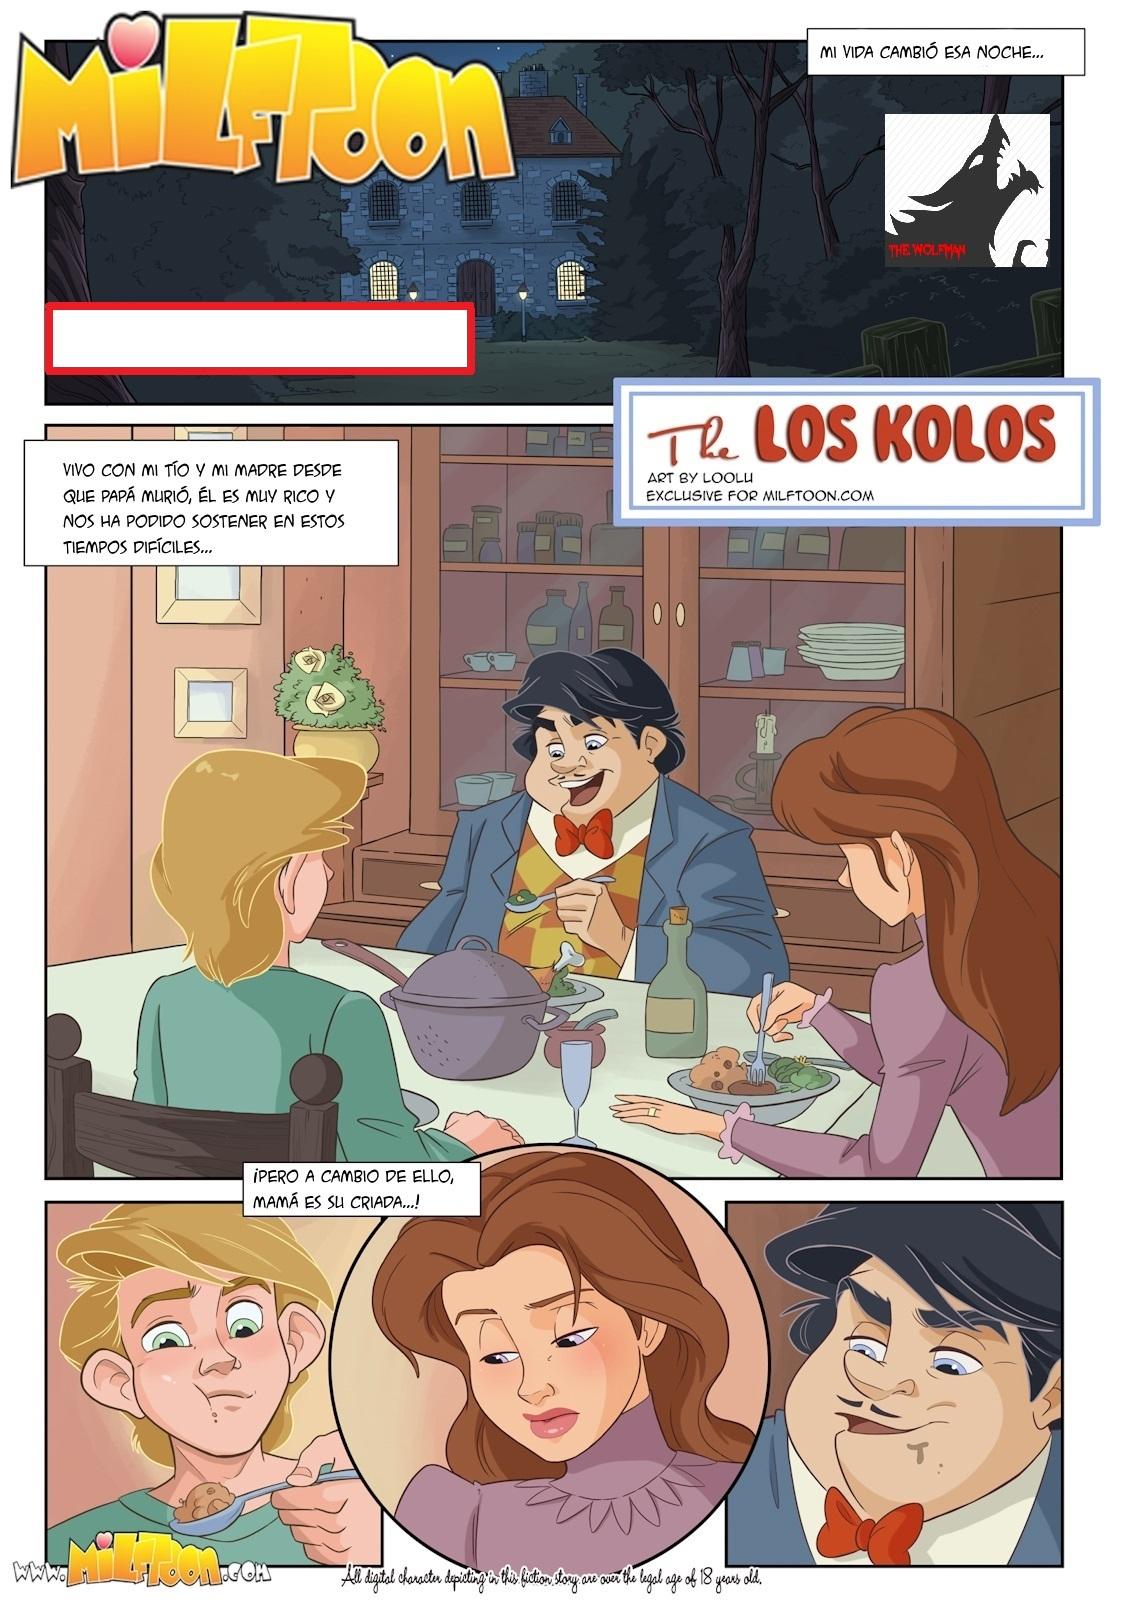 THE LOS KOLOS 4